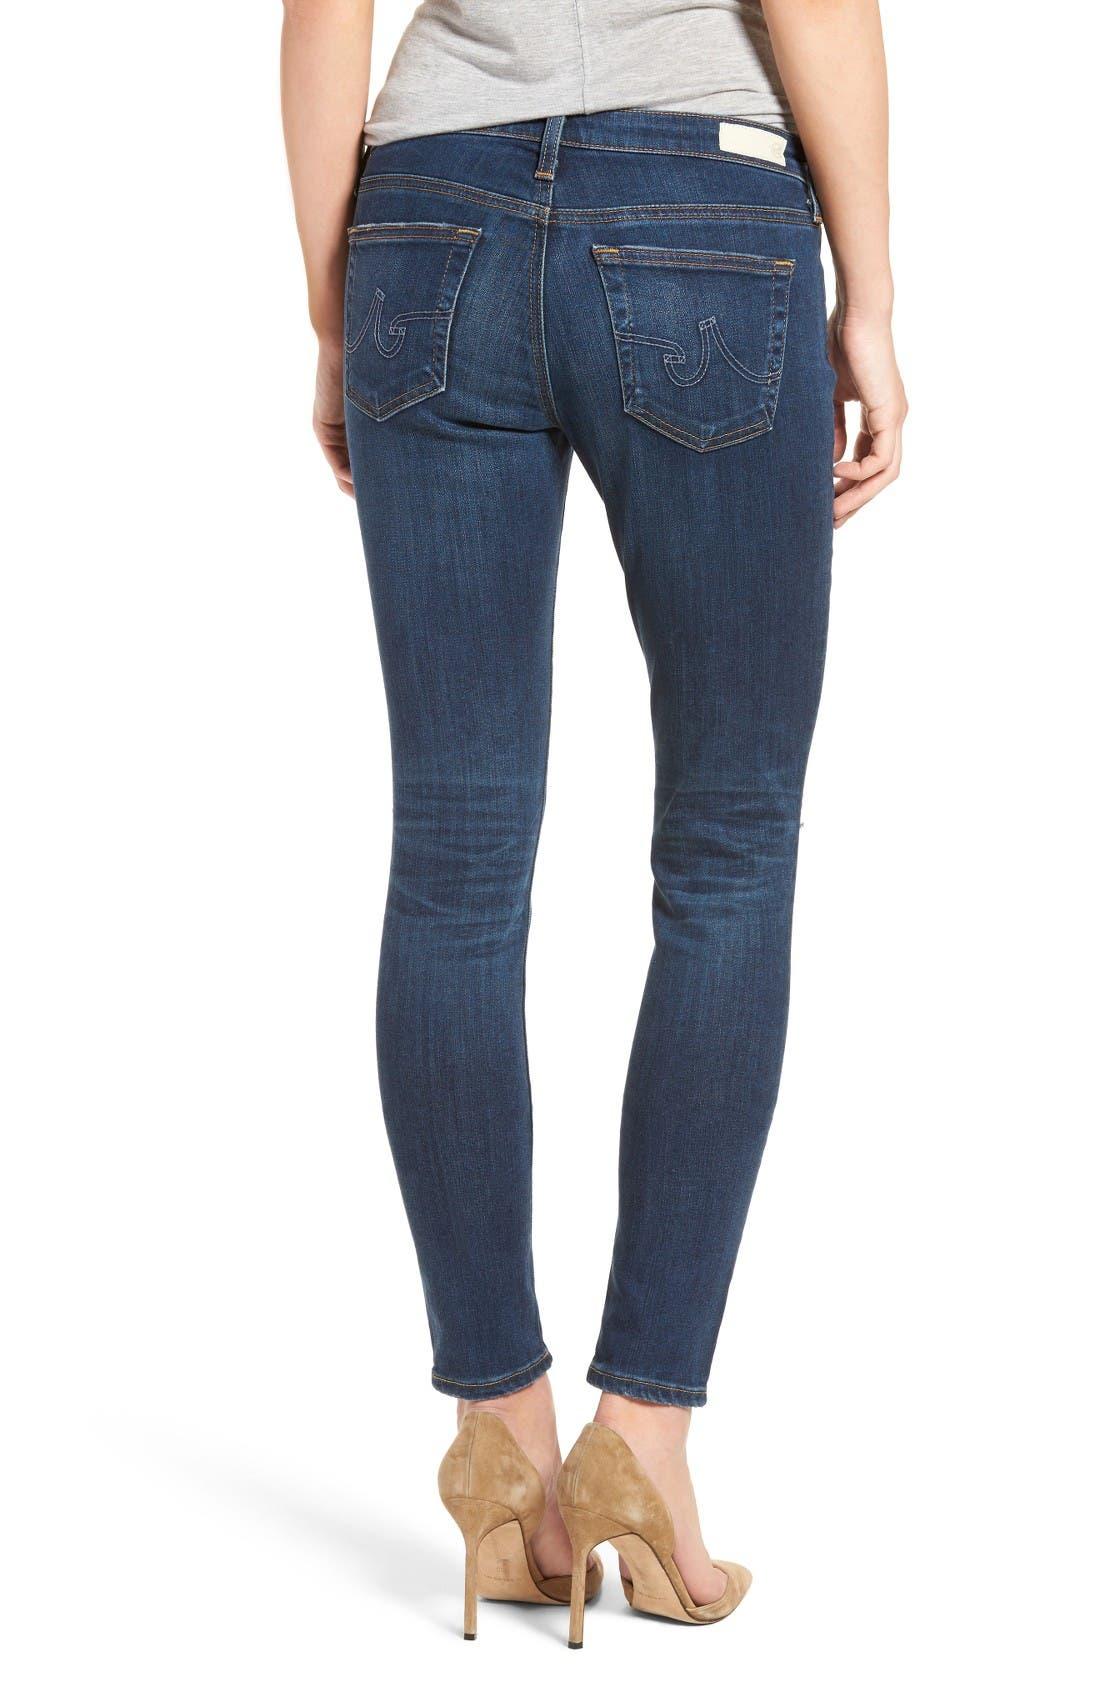 Alternate Image 2  - AG The Legging Super Skinny Jeans (8 Years Wander)